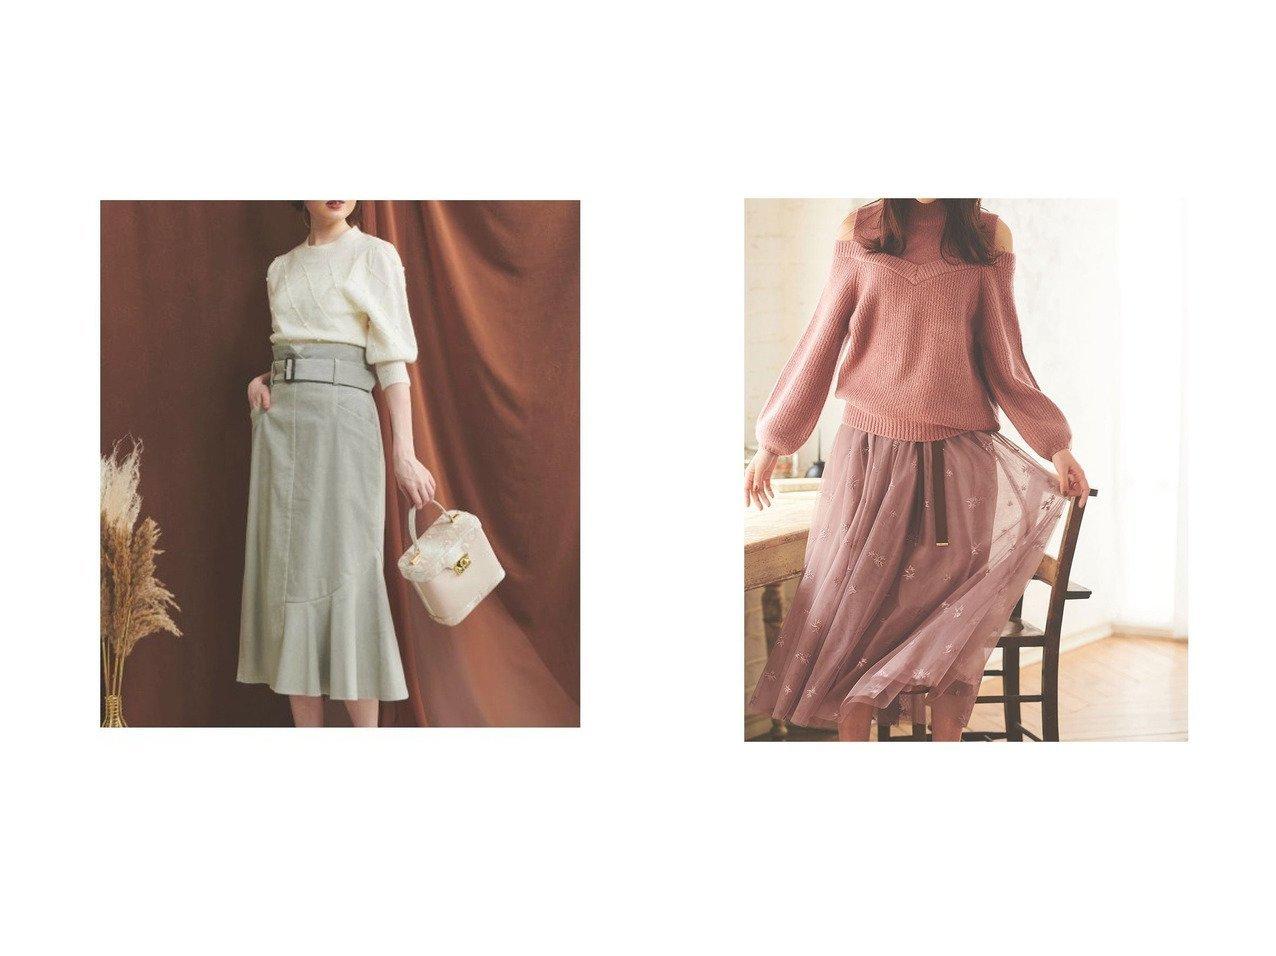 【31 Sons de mode/トランテアン ソン ドゥ モード】の【スカート】刺繍チュールスカート&【Noela/ノエラ】のコーデュロイスカート スカートのおすすめ!人気、レディースファッションの通販 おすすめで人気のファッション通販商品 インテリア・家具・キッズファッション・メンズファッション・レディースファッション・服の通販 founy(ファニー) https://founy.com/ ファッション Fashion レディース WOMEN スカート Skirt アシンメトリー コーデュロイ タイトスカート アクセサリー イヤーカフ エレガント 秋 グログラン シューズ スウェット スニーカー タートルネック チュール トレンド トレーナー ドレープ 定番 ネックレス パーカー フェミニン ミュール リボン 秋冬 A/W Autumn/ Winter 冬 Winter  ID:crp329100000001519